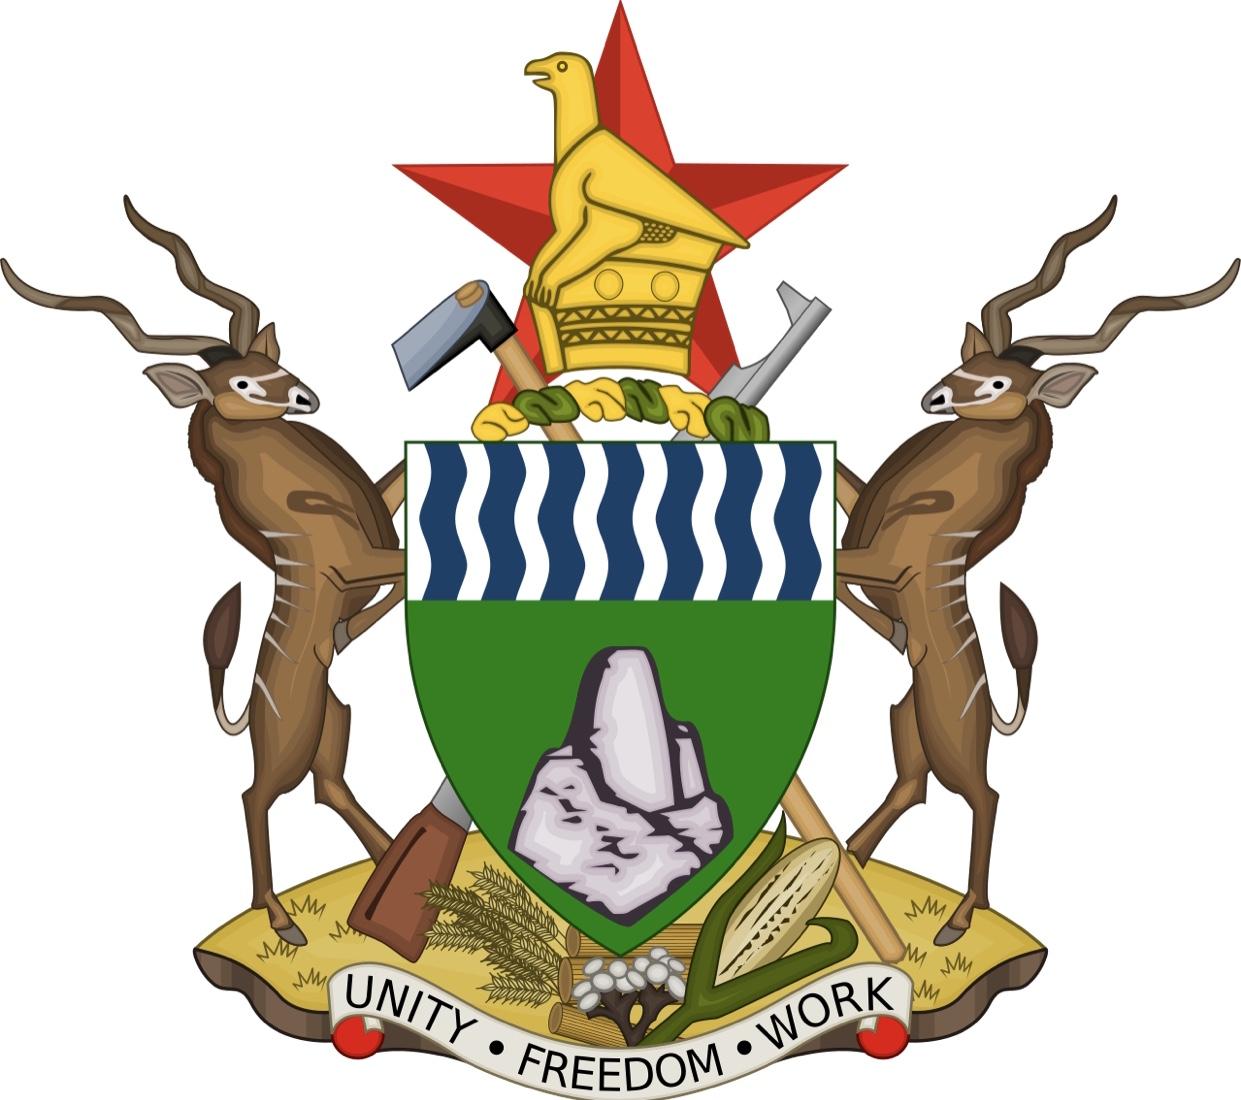 ブレスレット 静電気除去 15ミリ レザーブレスレット 静電気防止 静電気 スエ ード 本革 リバーシブル イギリス製 kudu クードゥー 送料無料 自社生産 国産 W巻き」